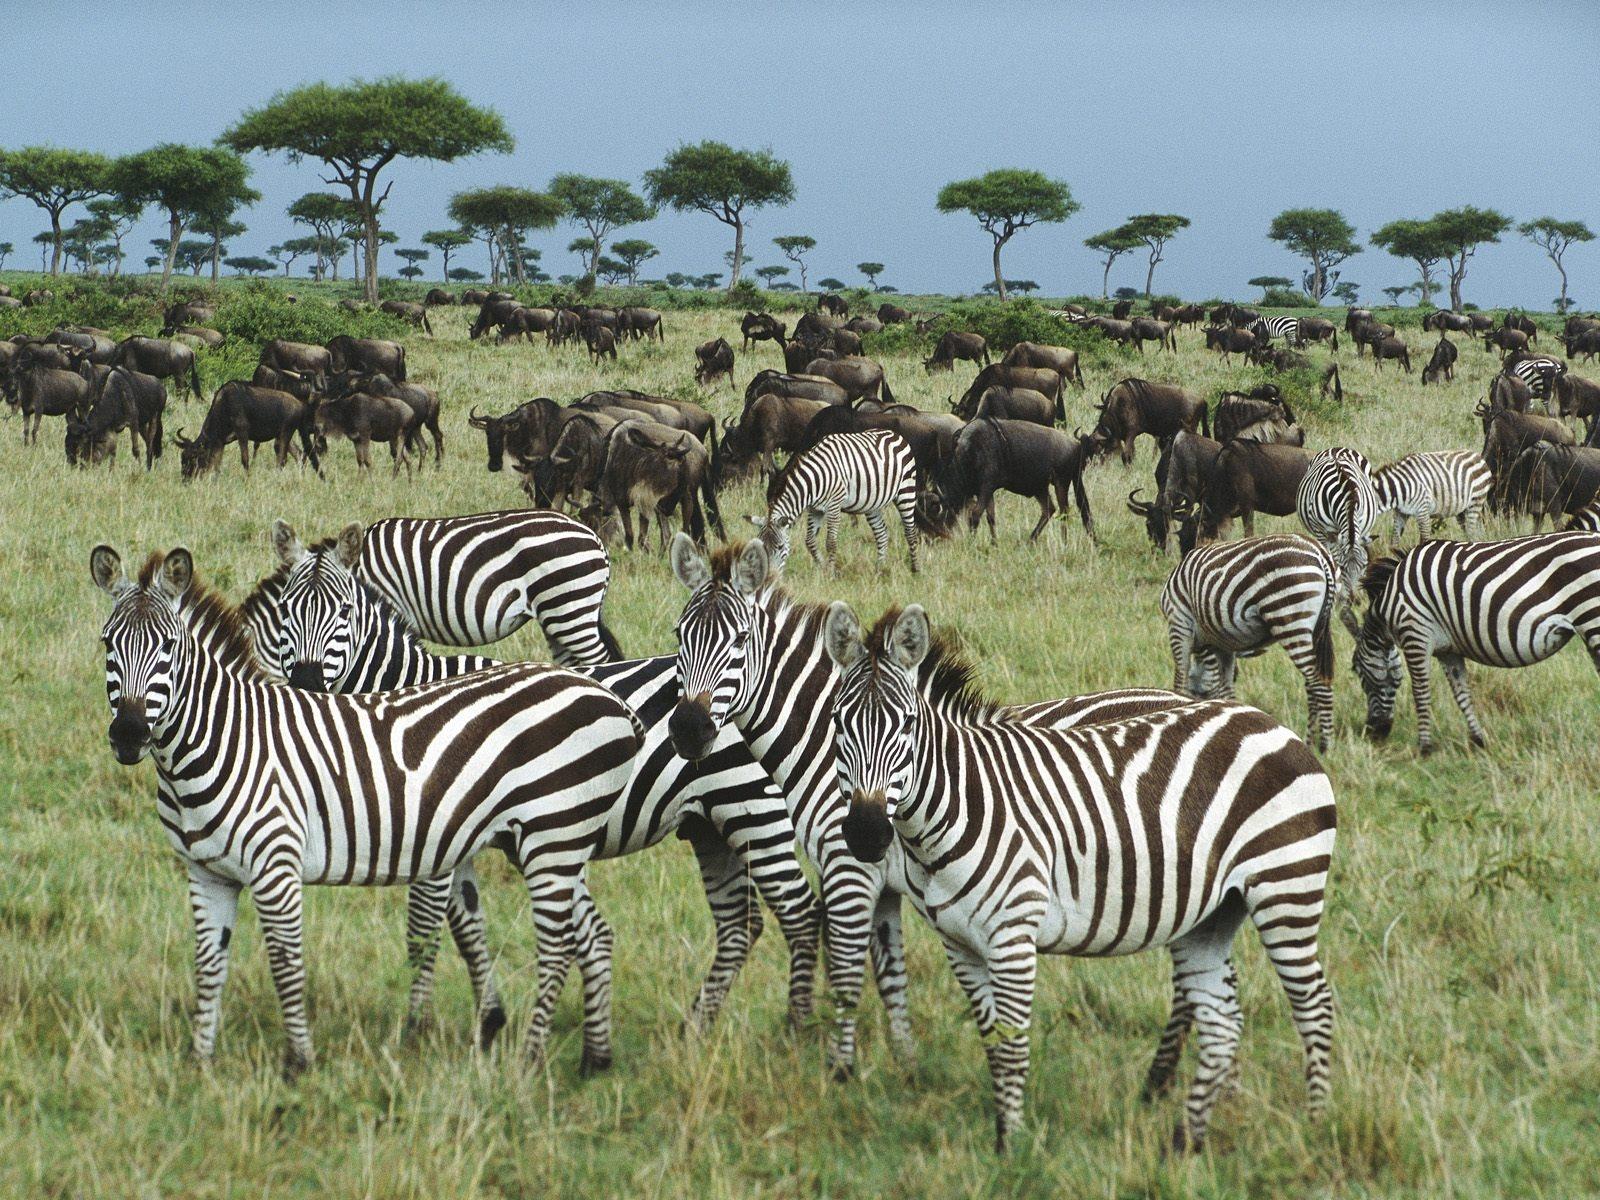 http://2.bp.blogspot.com/-P9xrwHKDiyI/Tz-At6JAEDI/AAAAAAAAMFw/IaiorrnGJLs/s1600/Zebra+12.jpg